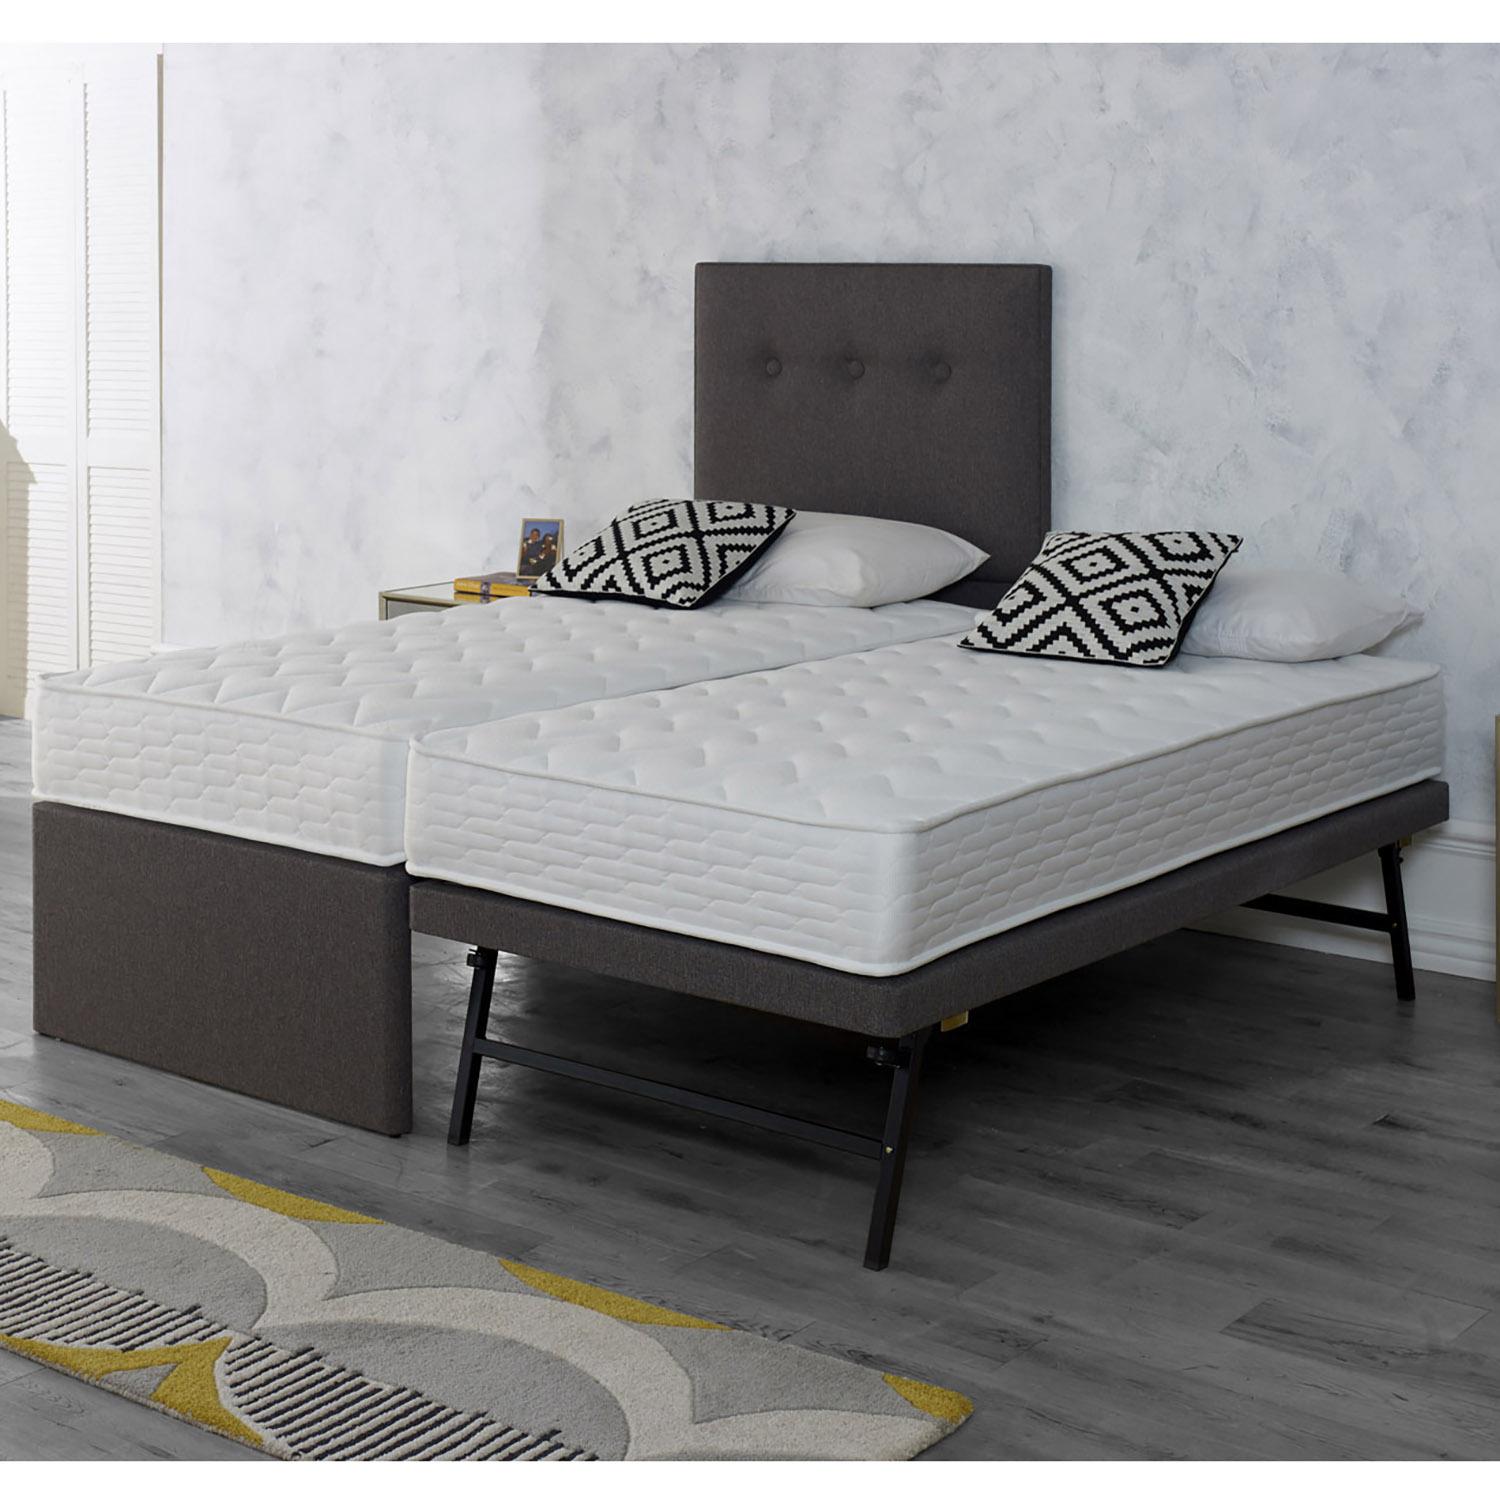 Highgrove Tandem Guest Bed - Pocket Sprung